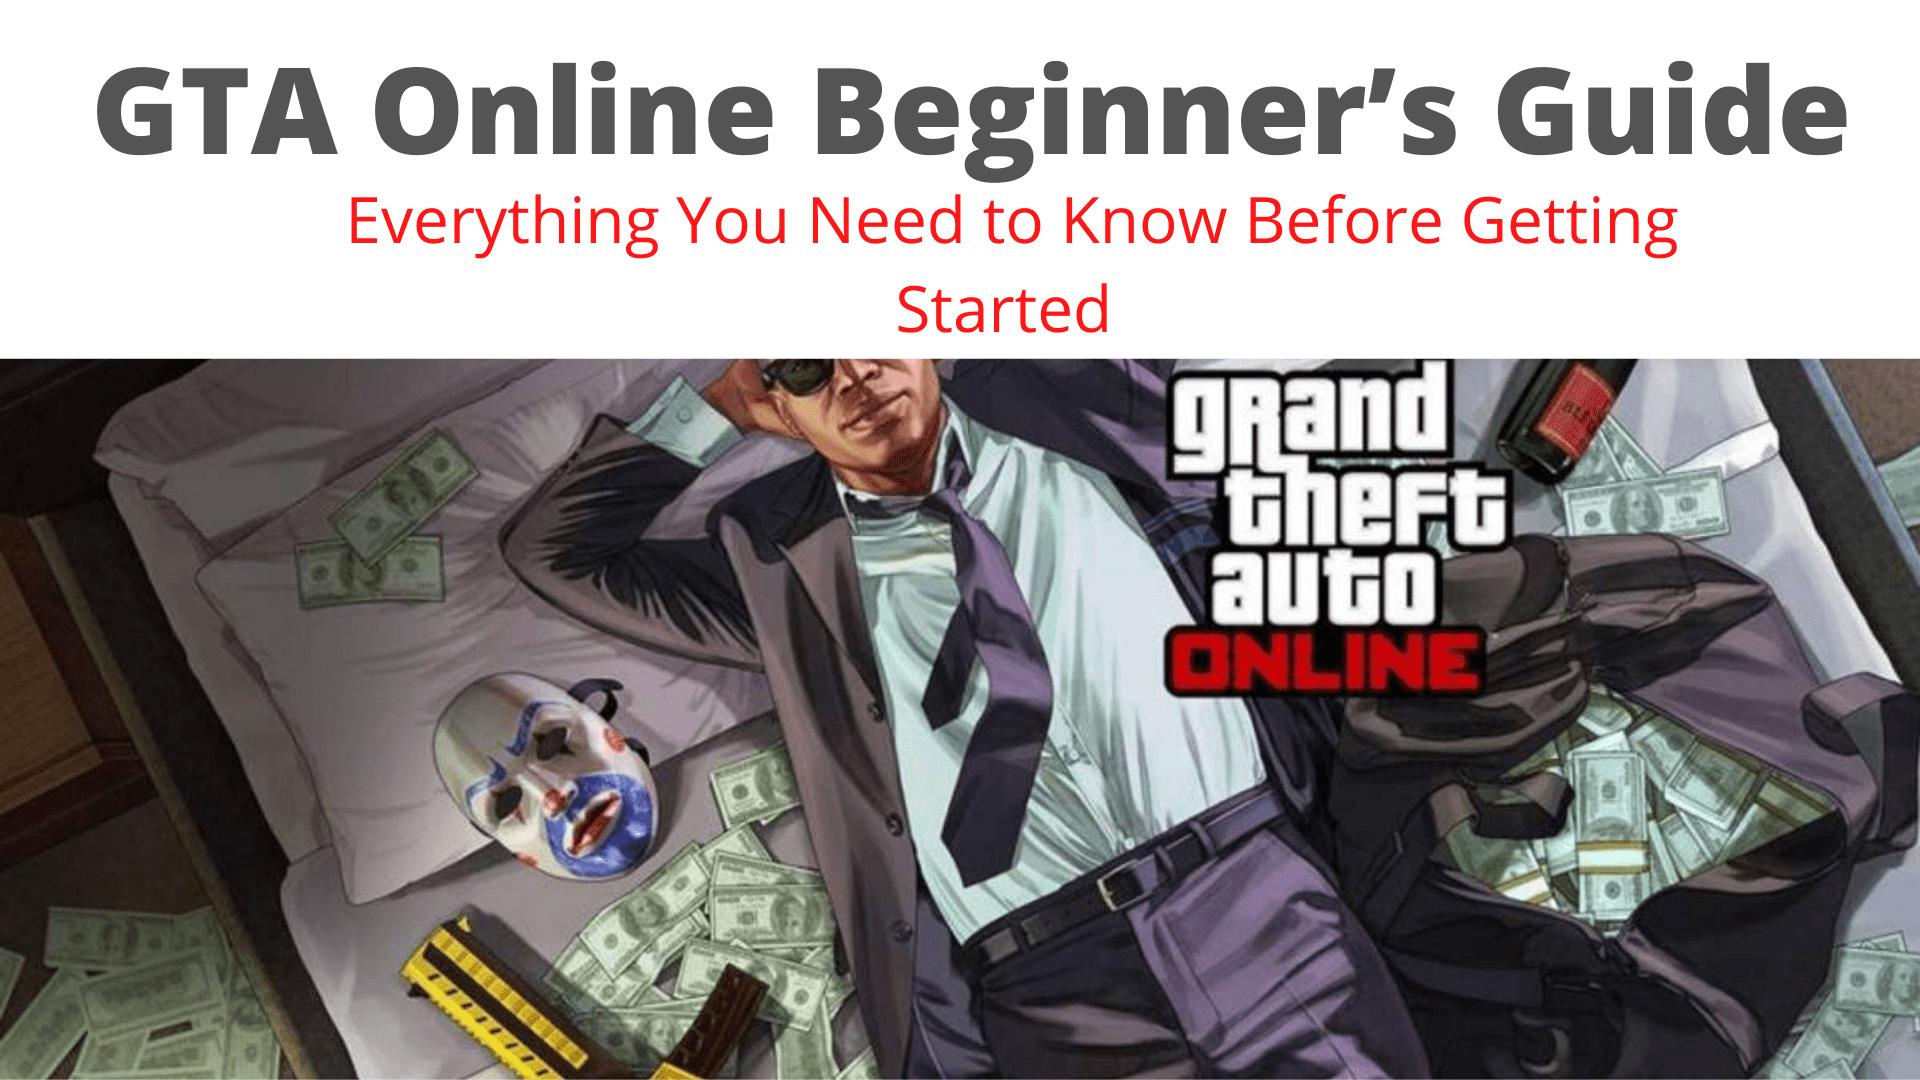 GTA Online Beginner's Guide